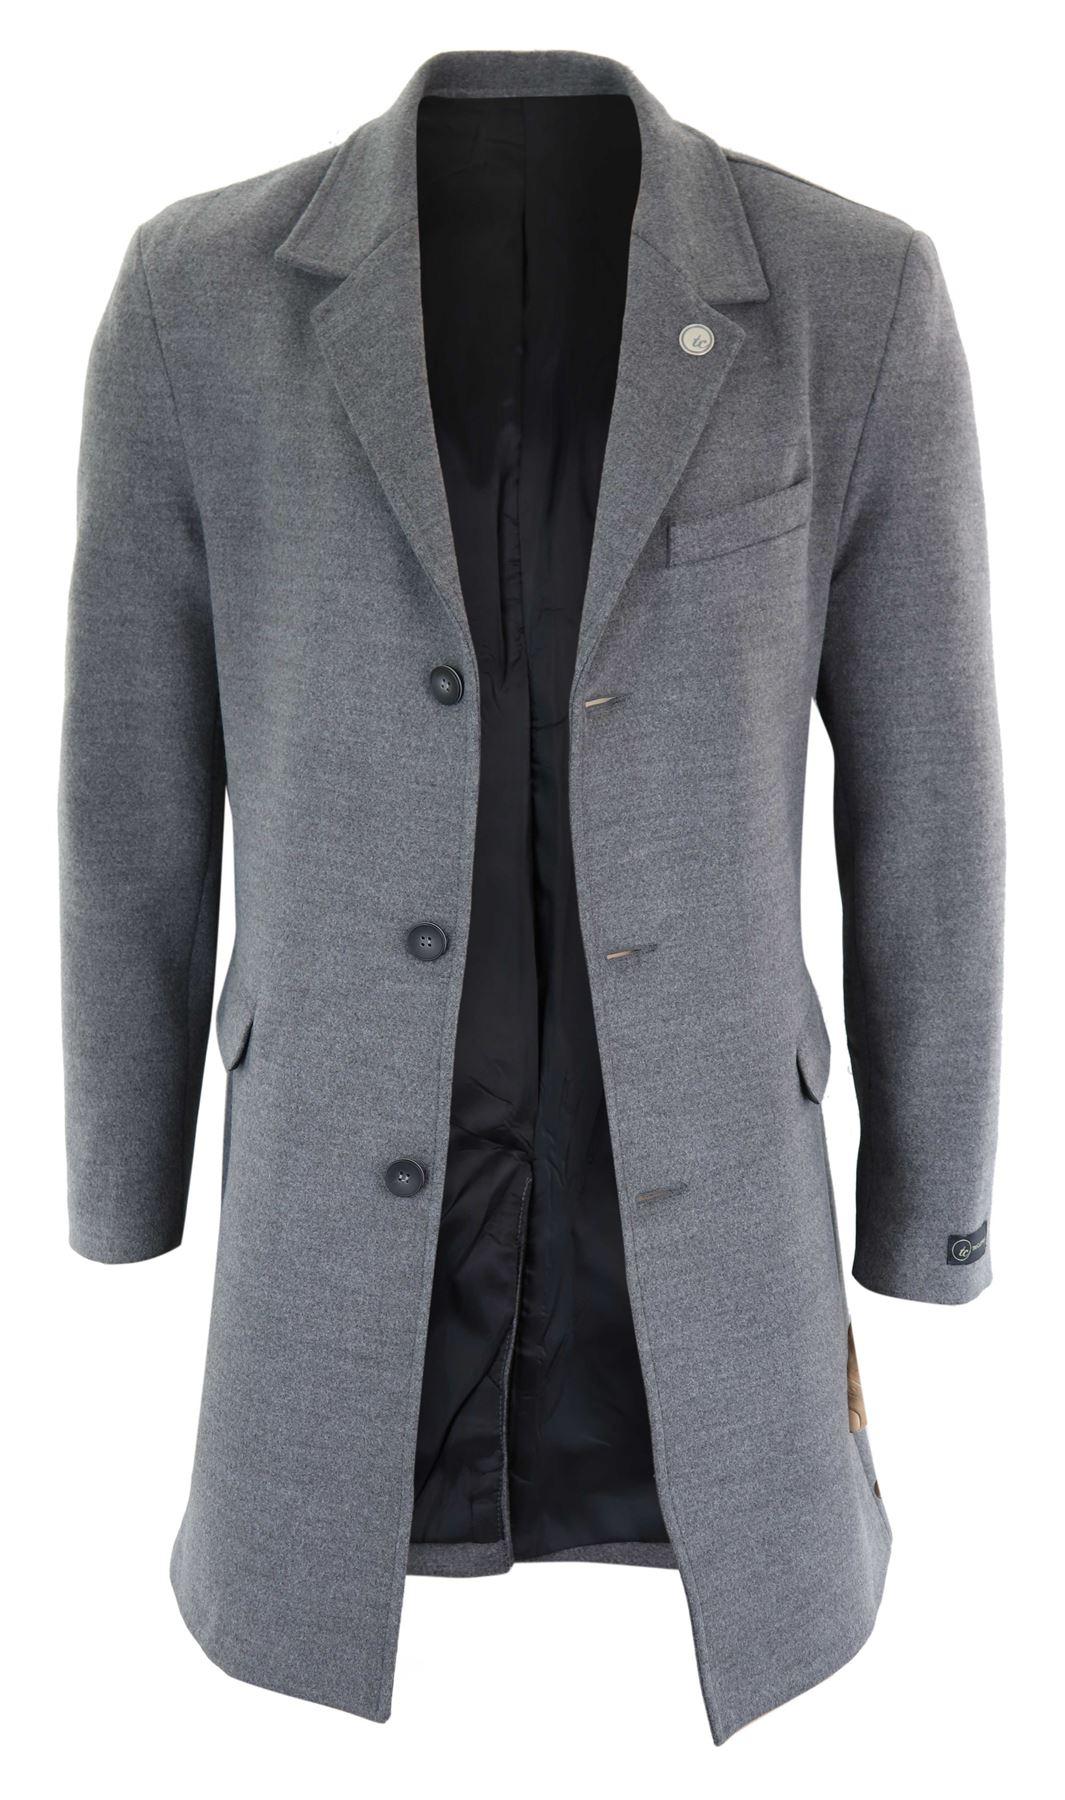 manteau homme longueur 3 4 veste effet laine coupe slim. Black Bedroom Furniture Sets. Home Design Ideas